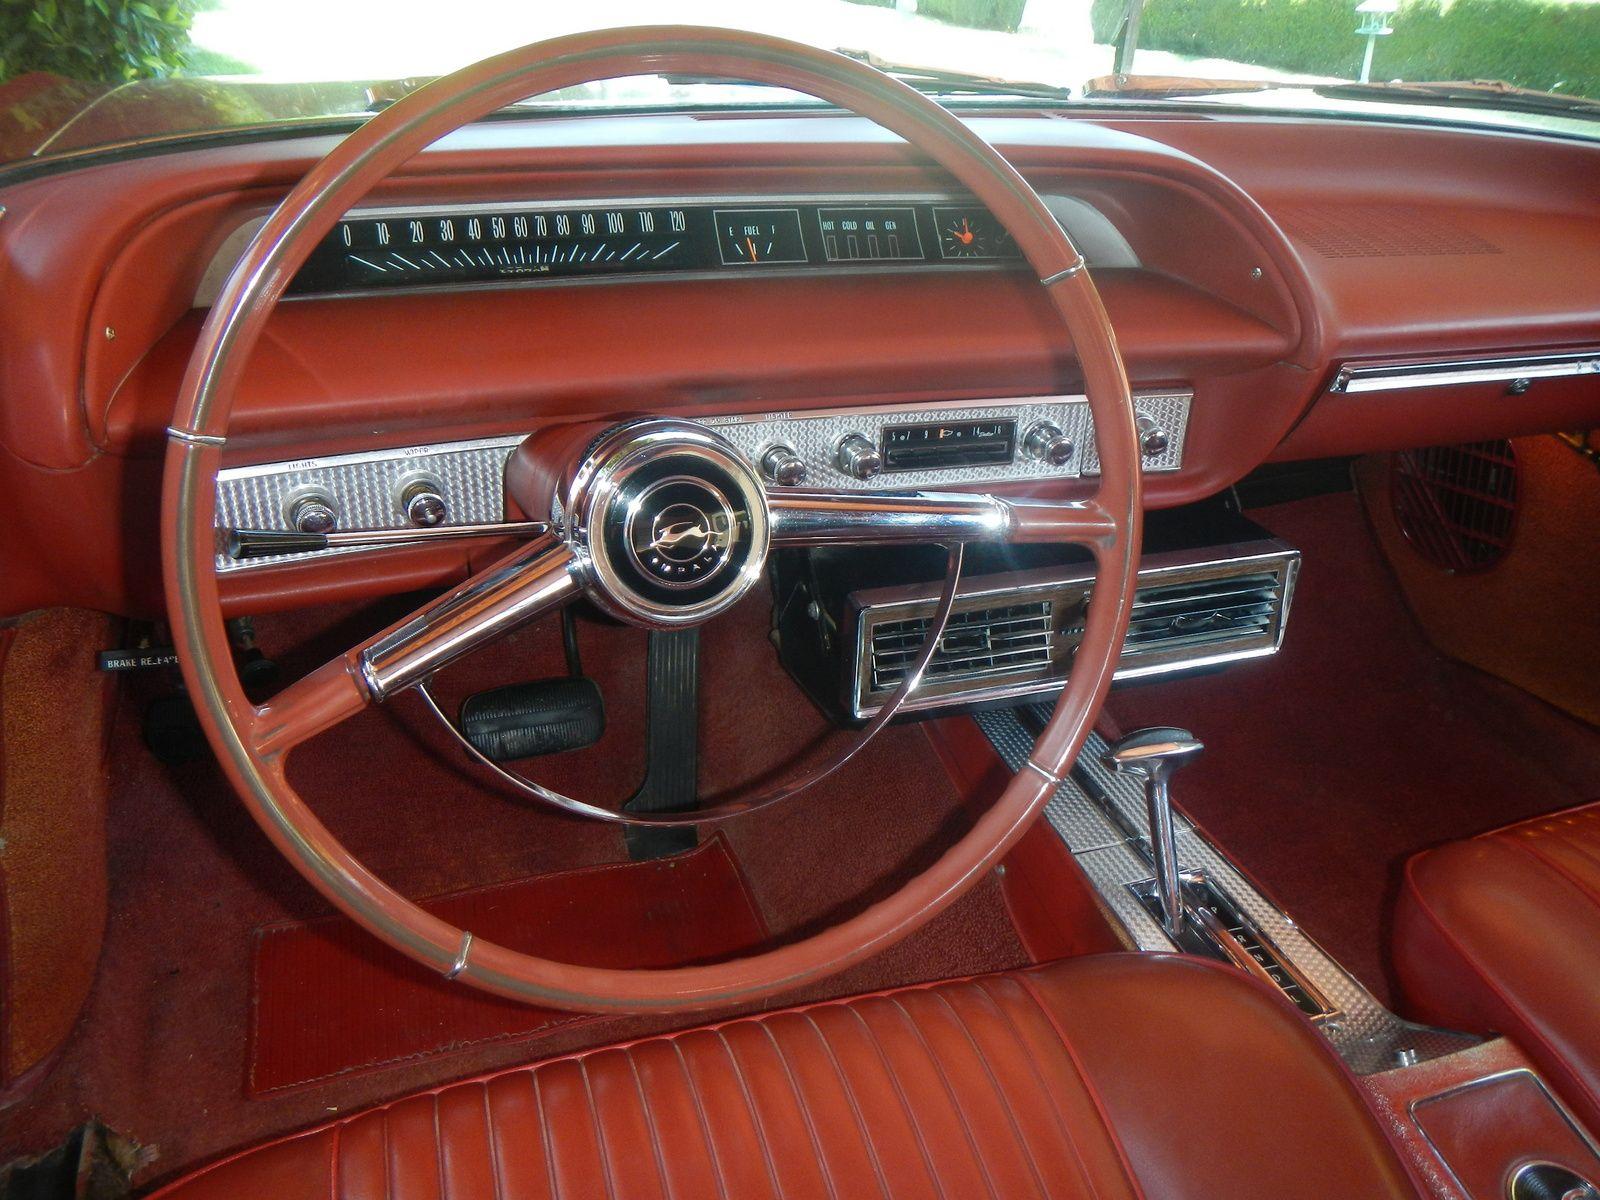 1964 Chevrolet Impala Direksiyon